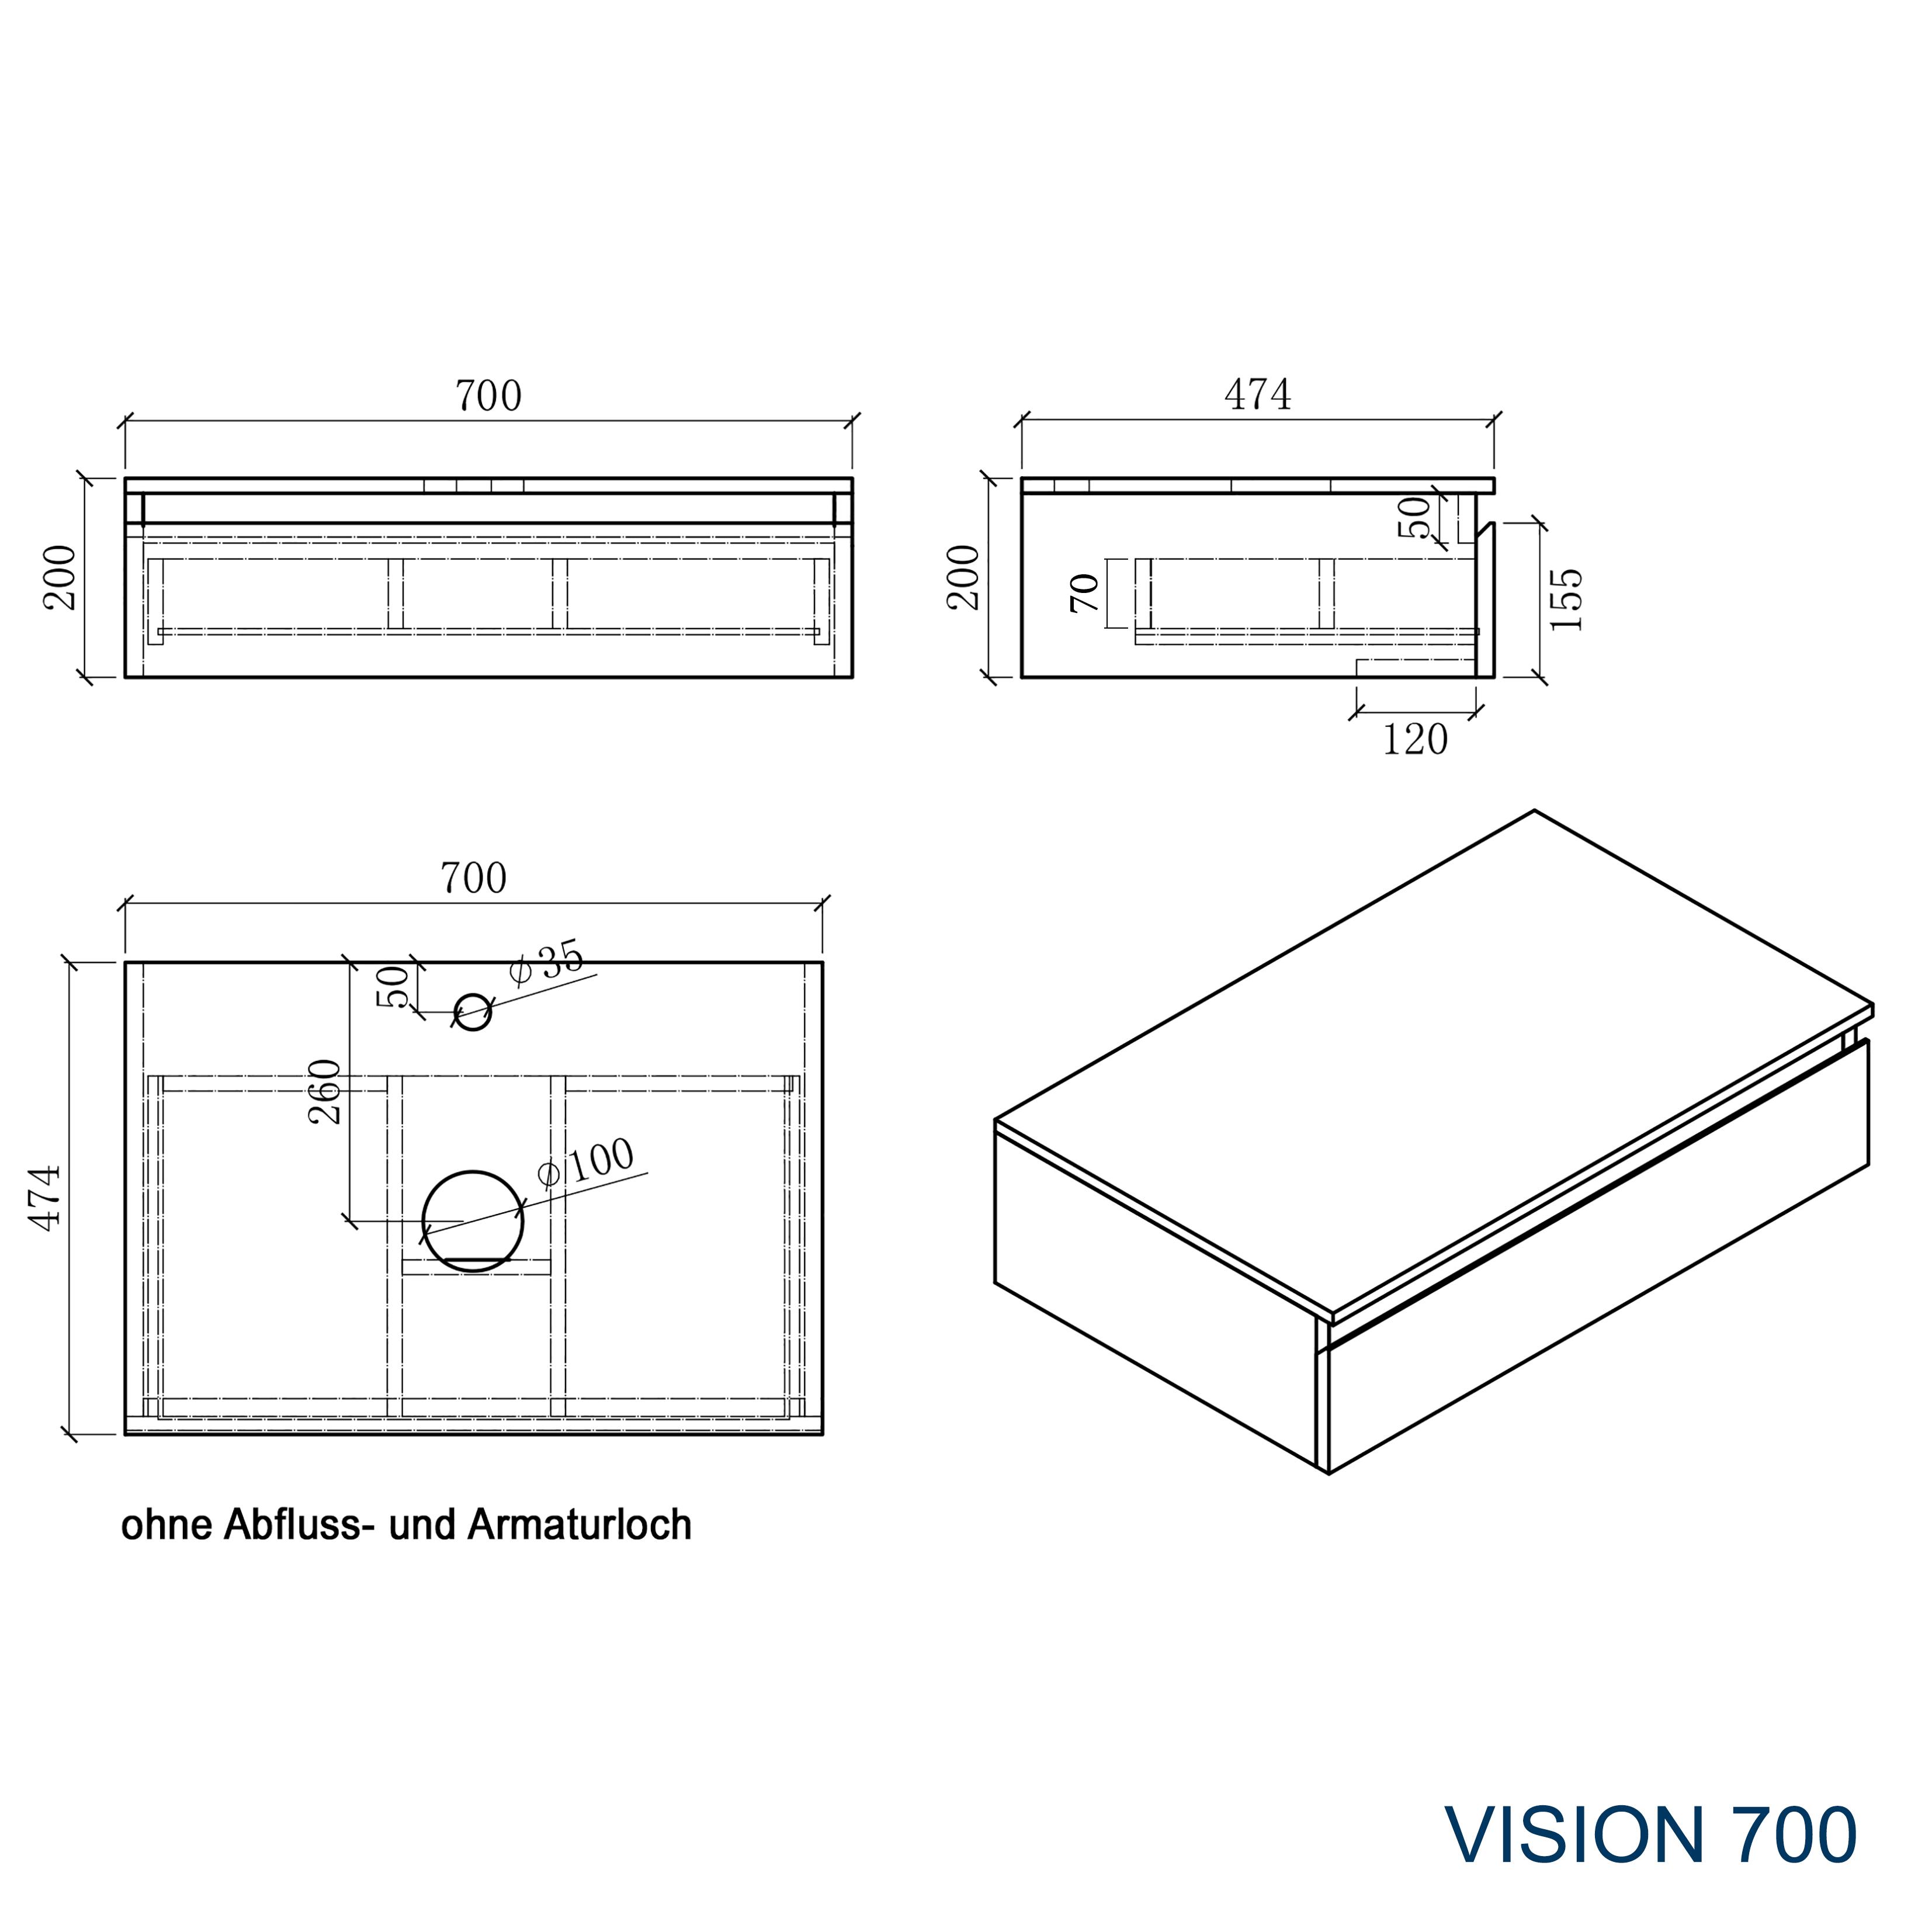 Vision 700 - Zeichnung